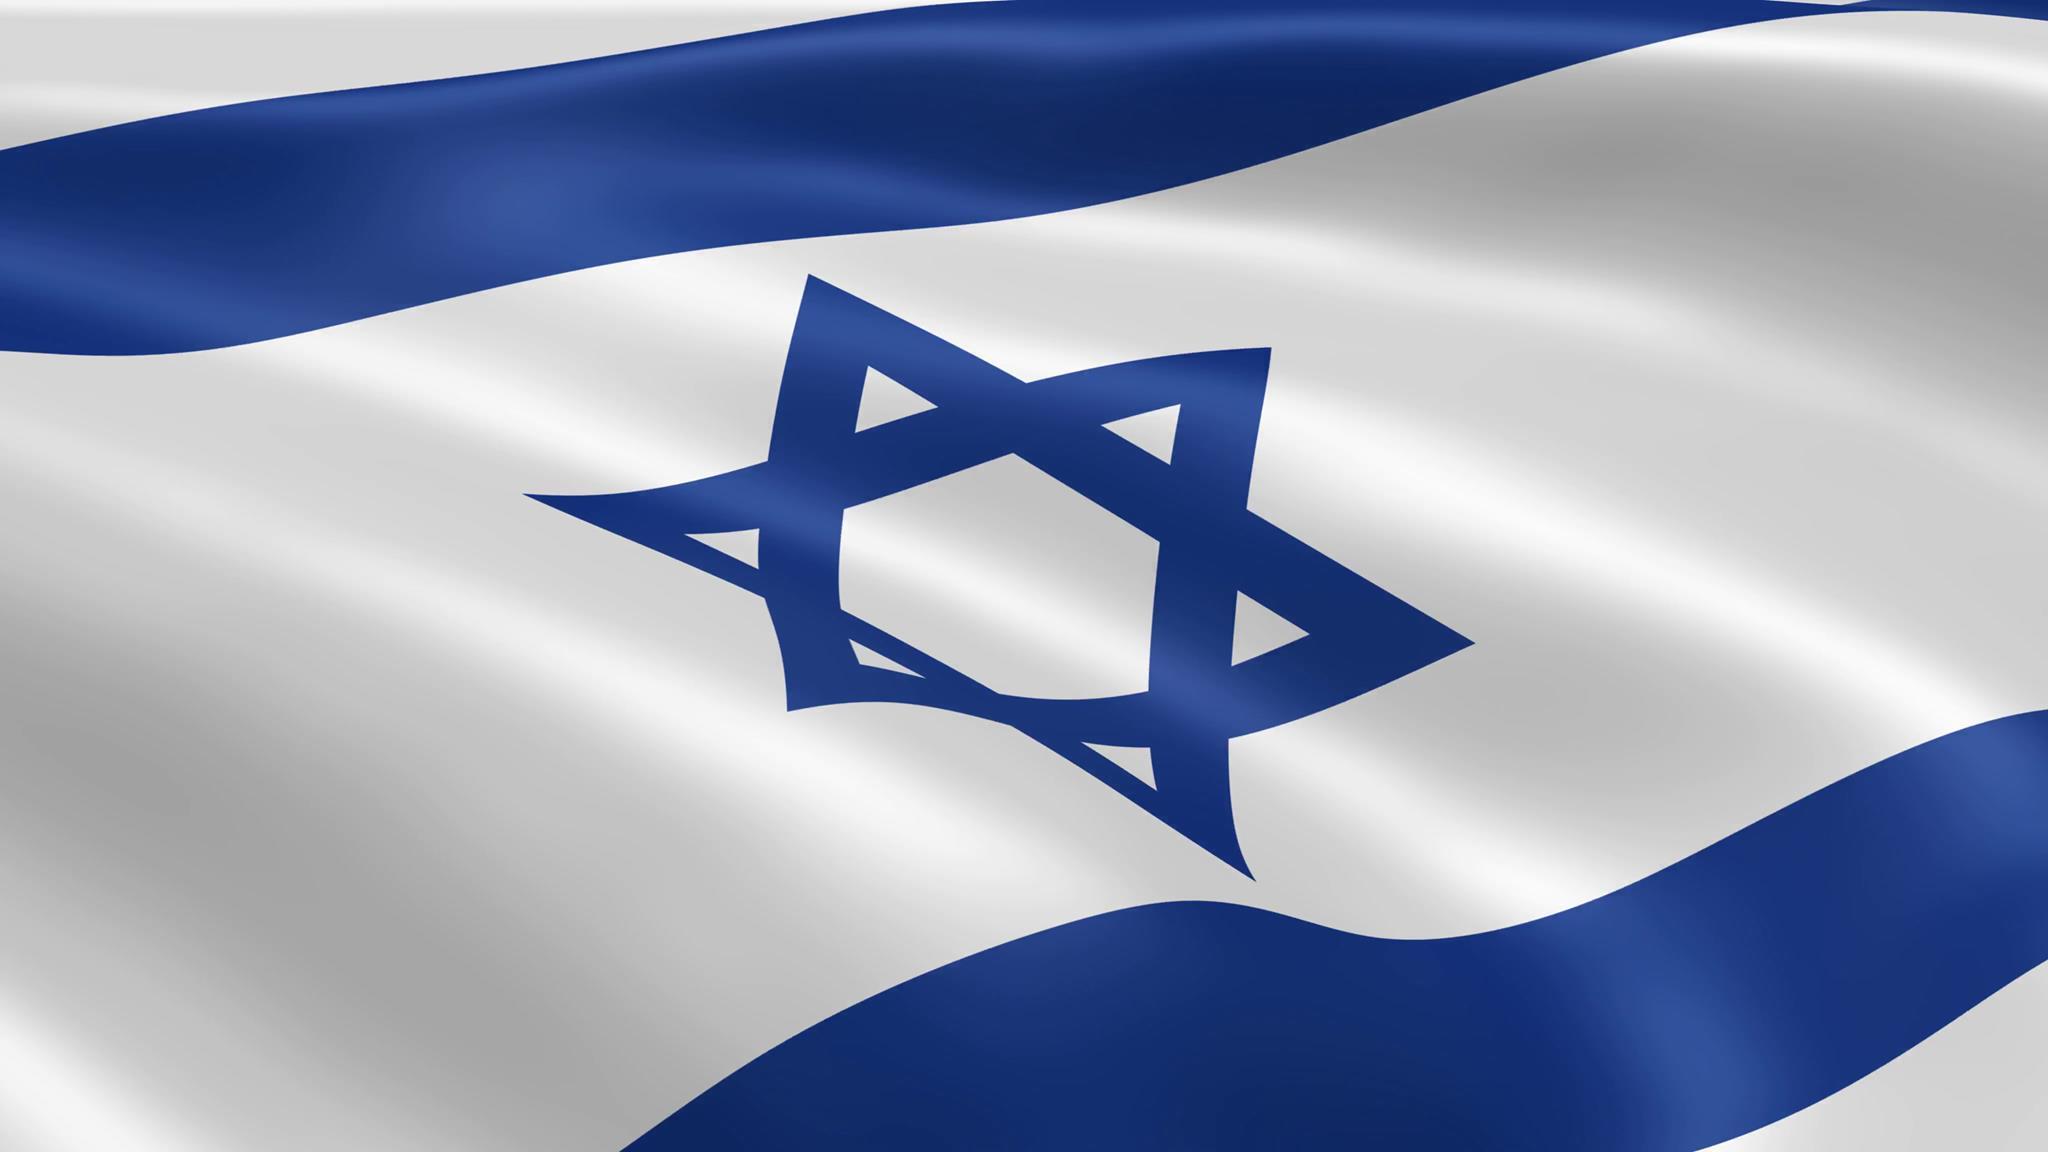 Berlin: Gegen jeden antisemitismus, We stand with Israel